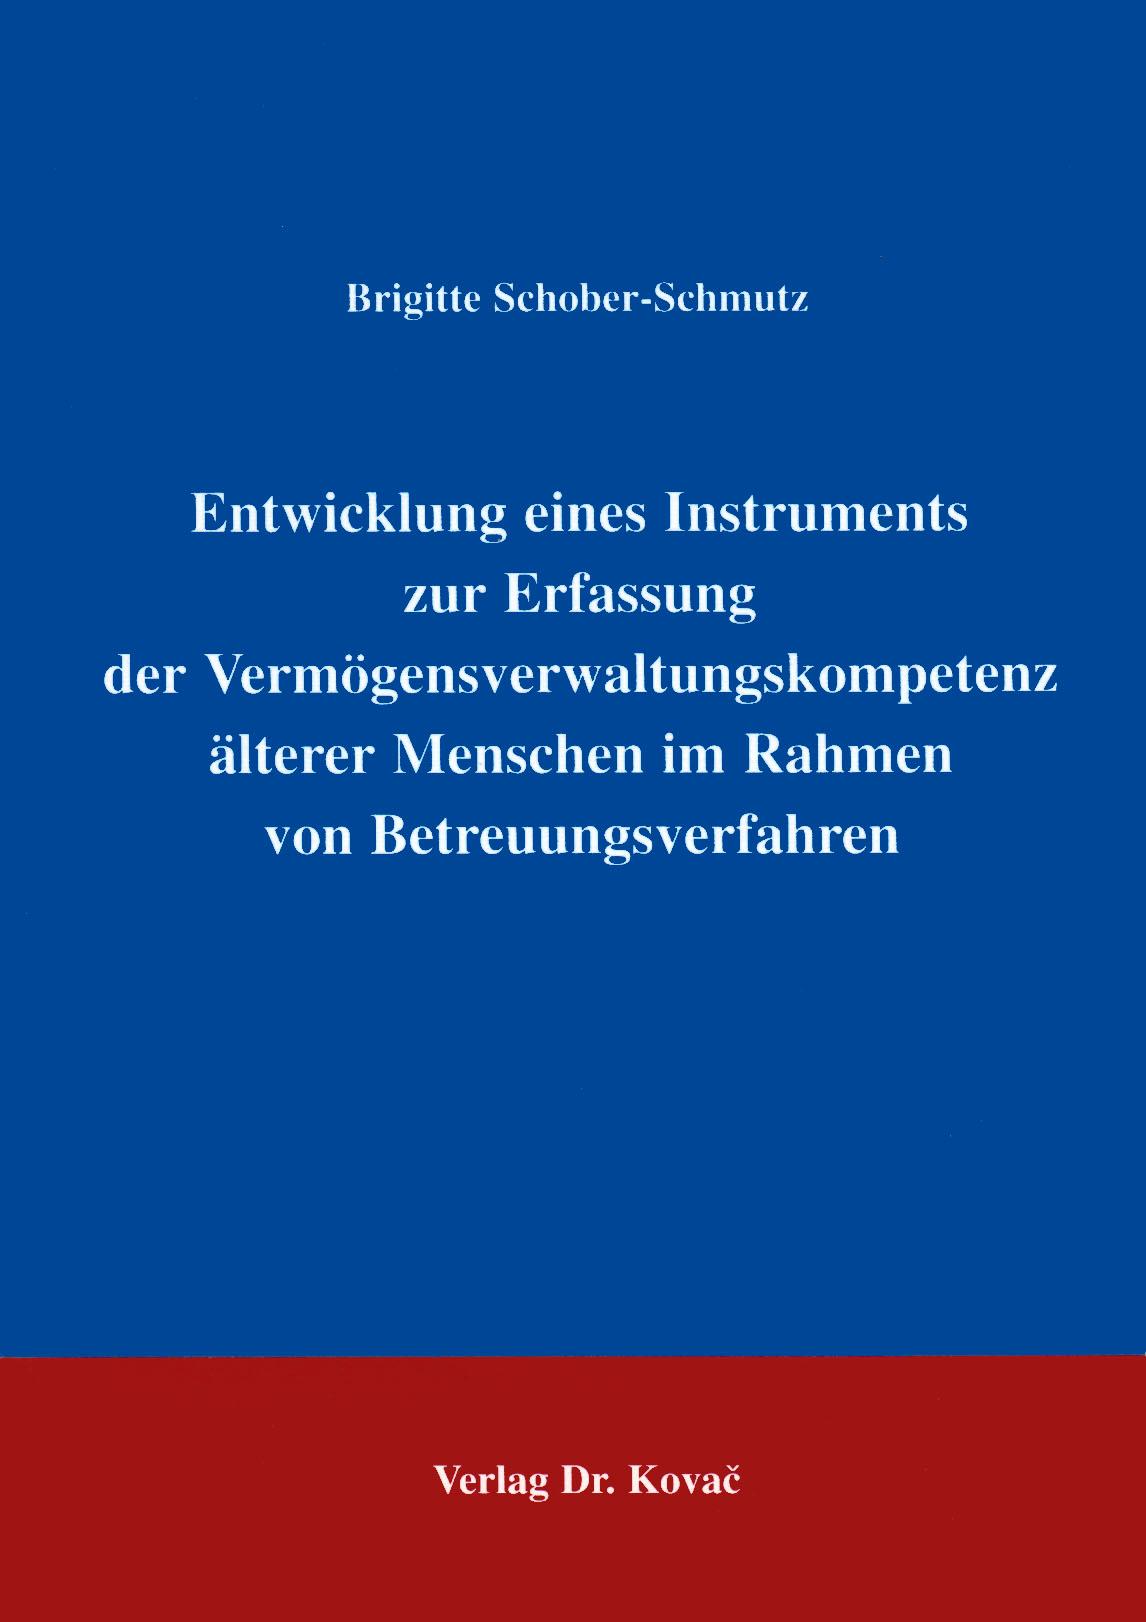 Cover: Entwicklung eines Instruments zur Erfassung der Vermögensverwaltungskopetenz älterer Menschen im Rahmen von Betreuungsverfahren